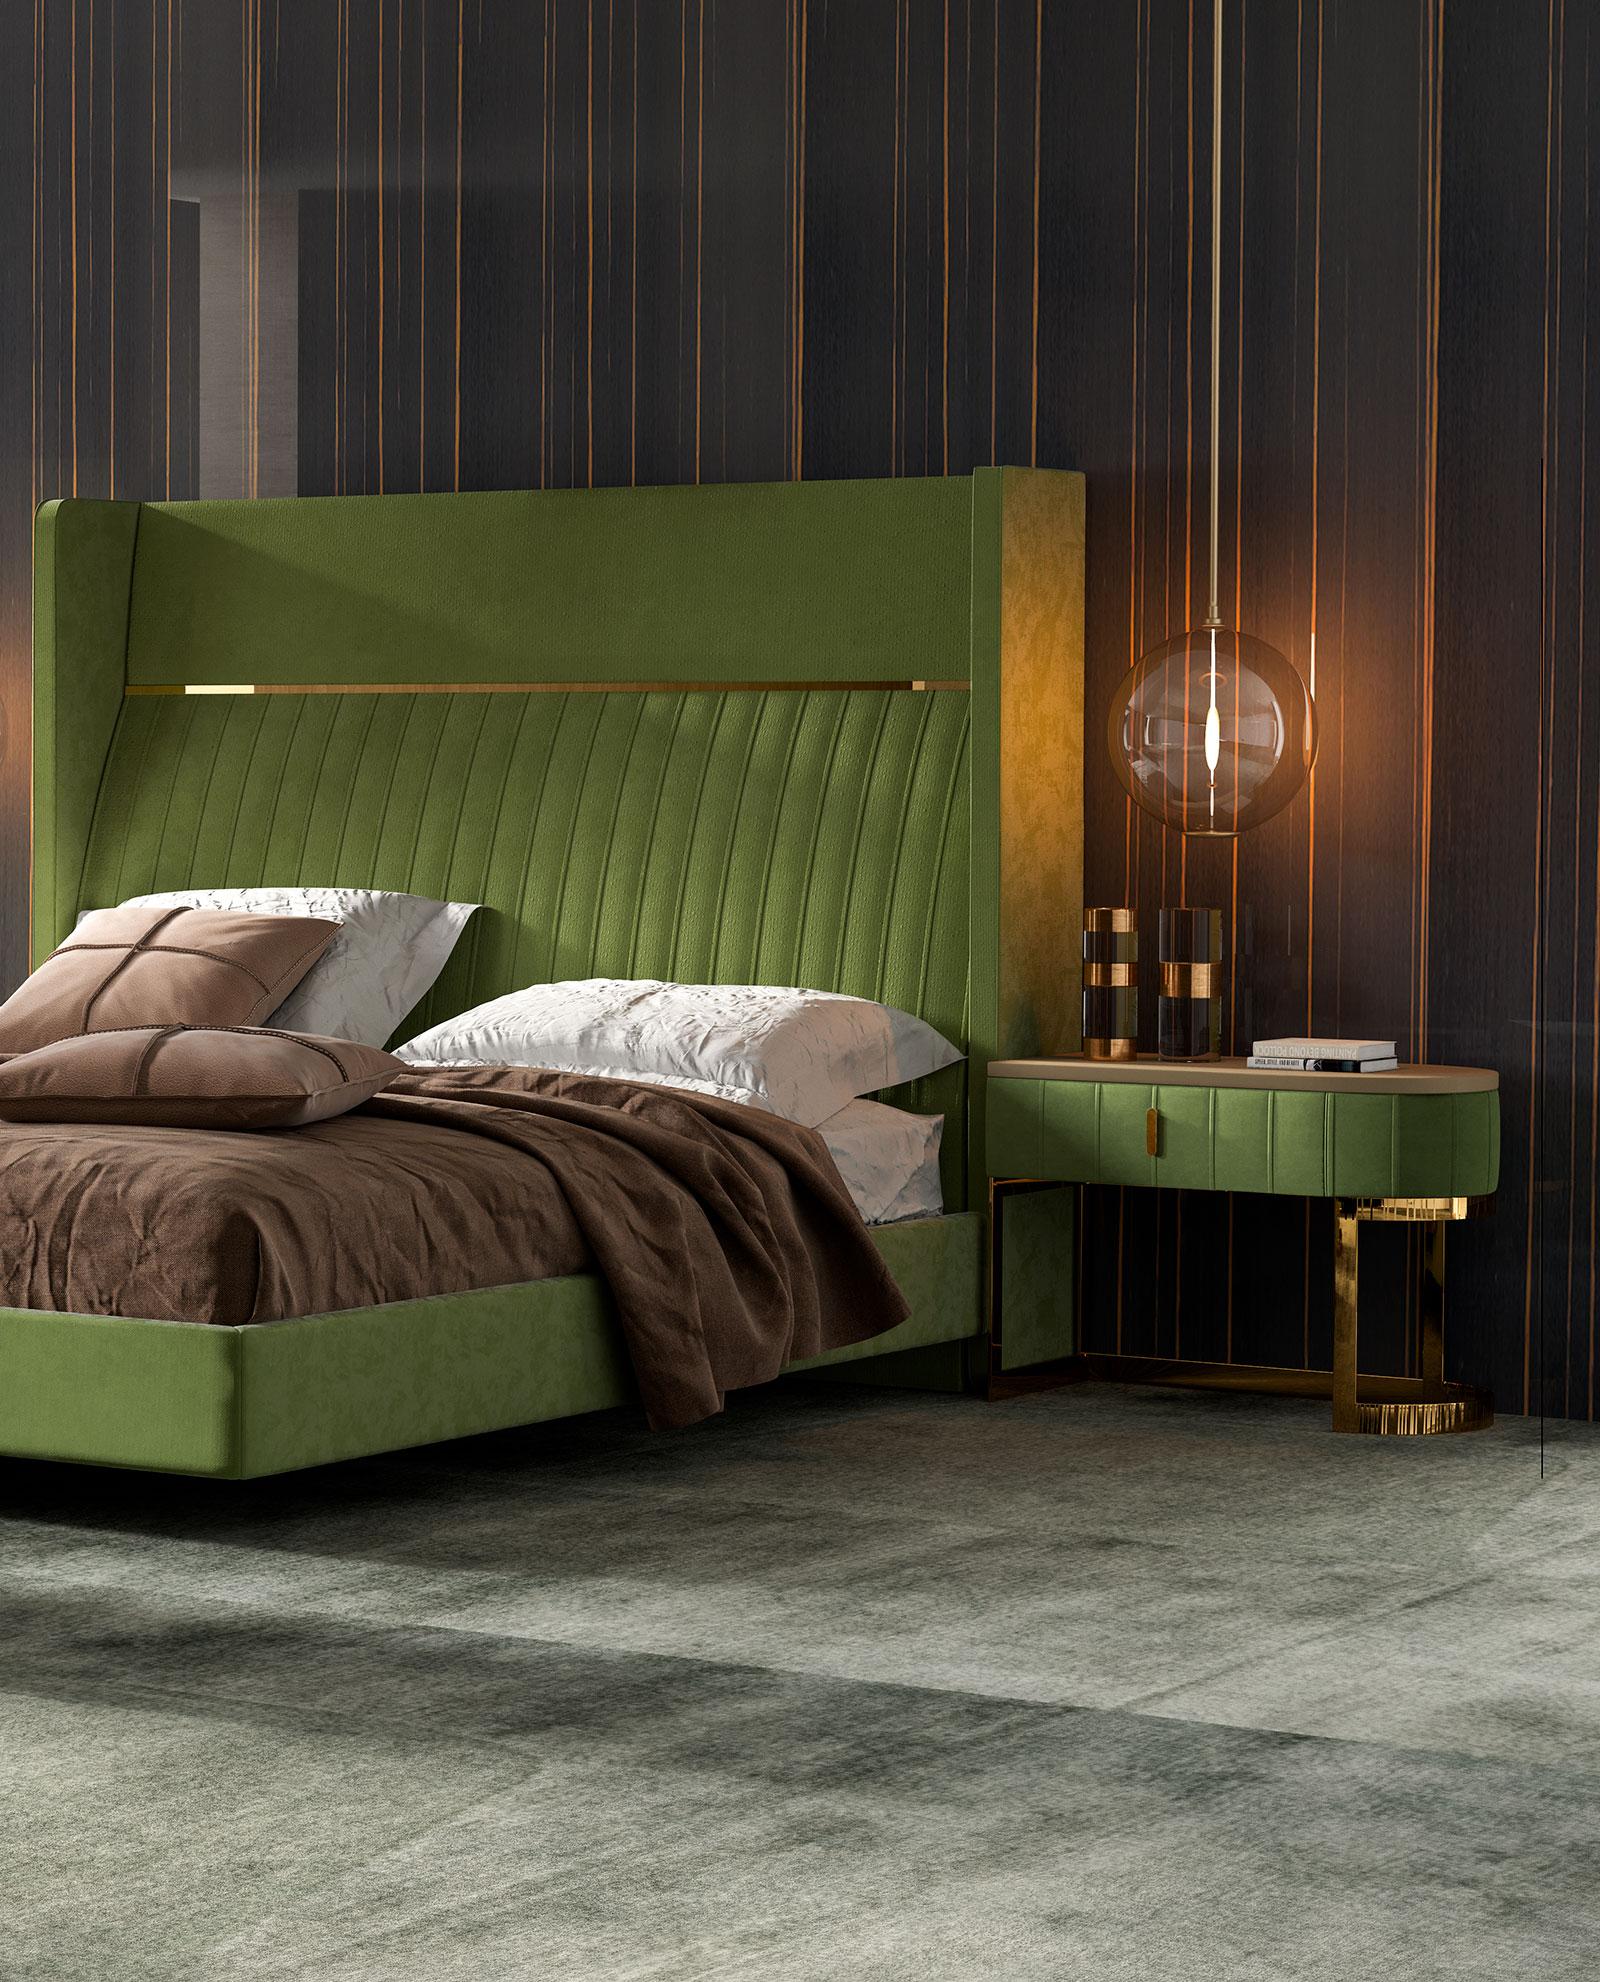 Scarlet Bedside Table - Domkapa